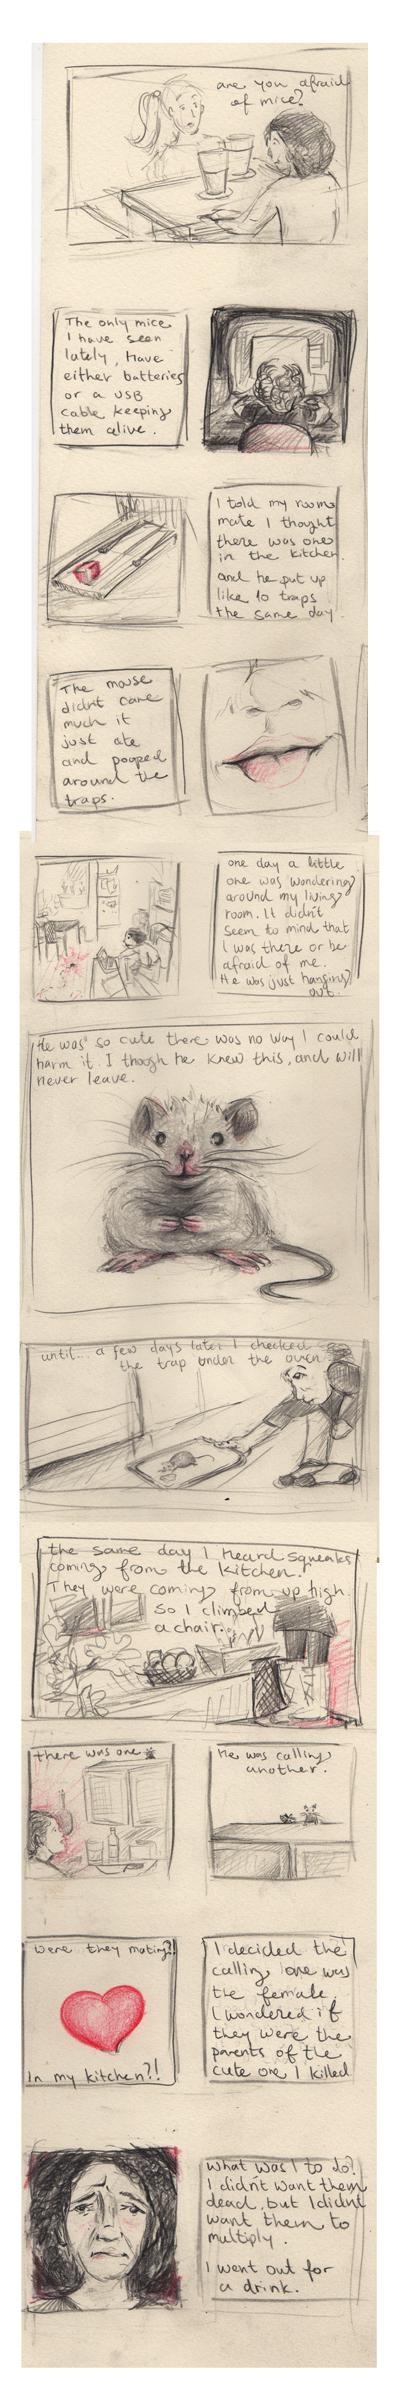 miceLR